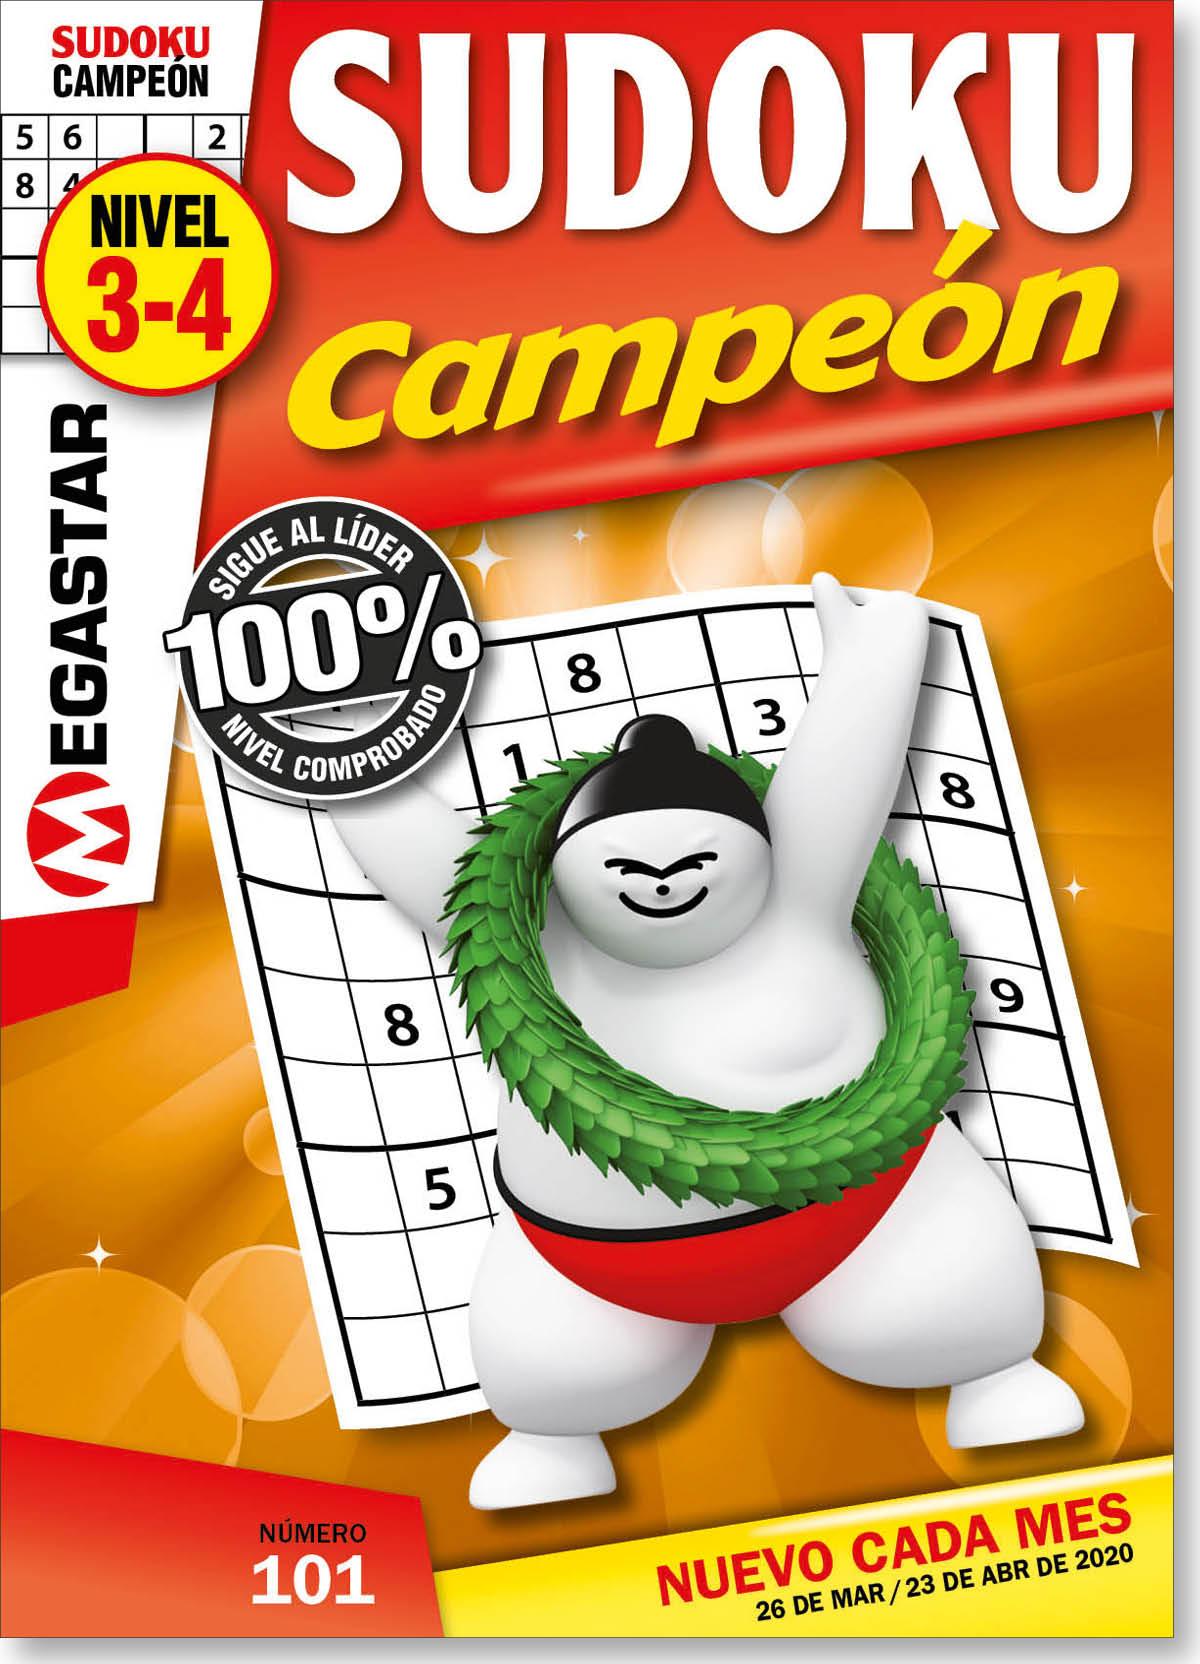 Sudoku Campeón Nivel 3-4